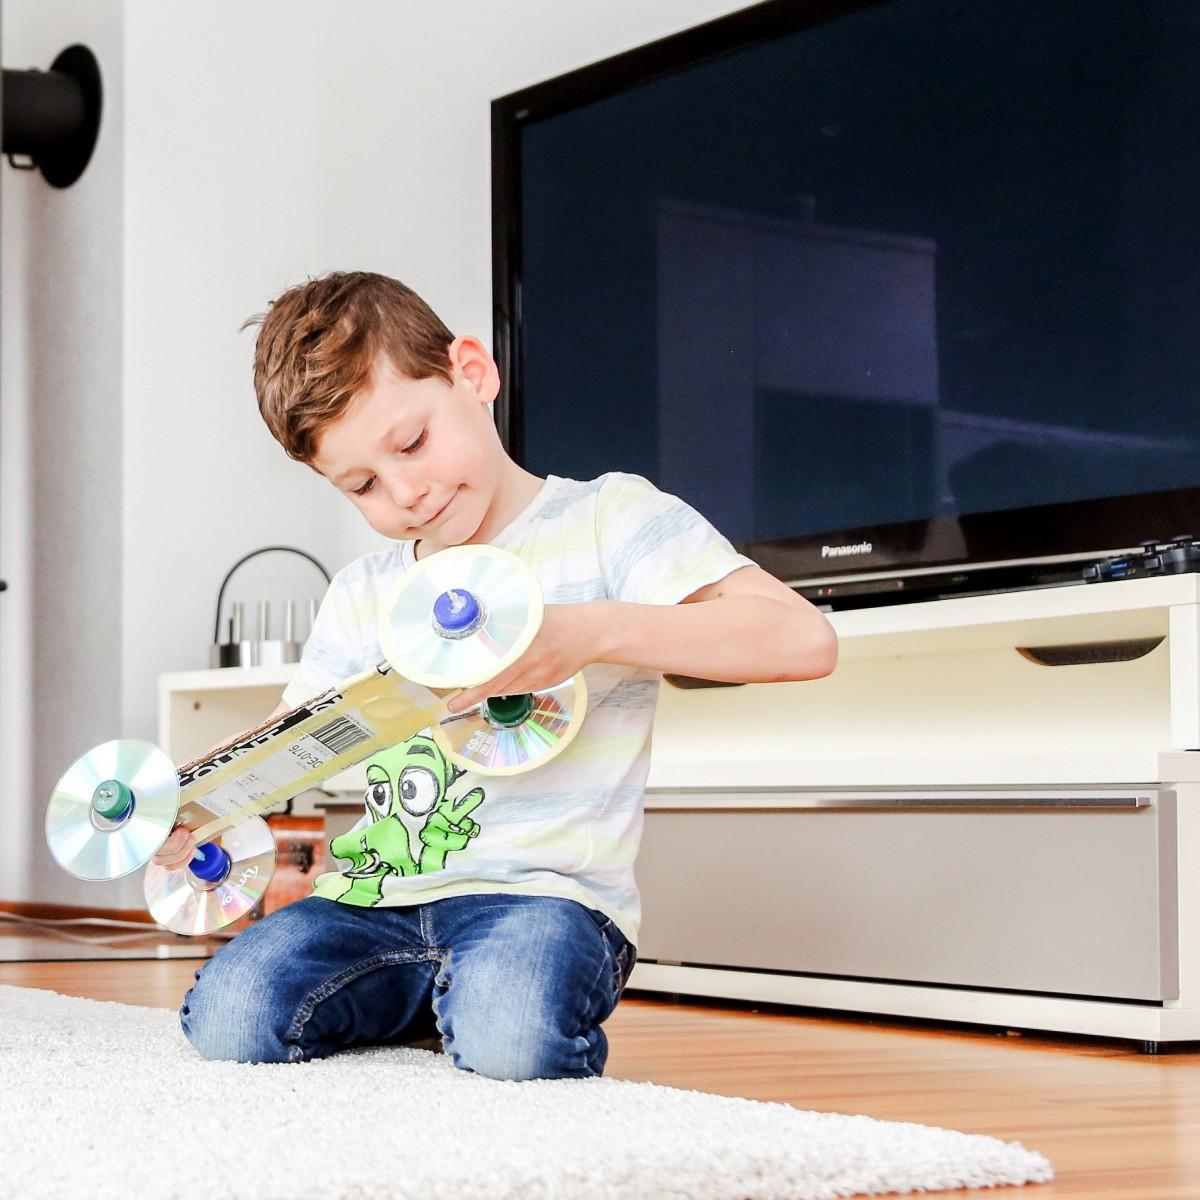 Kleiner Junge bastelt sich ein Skateboard